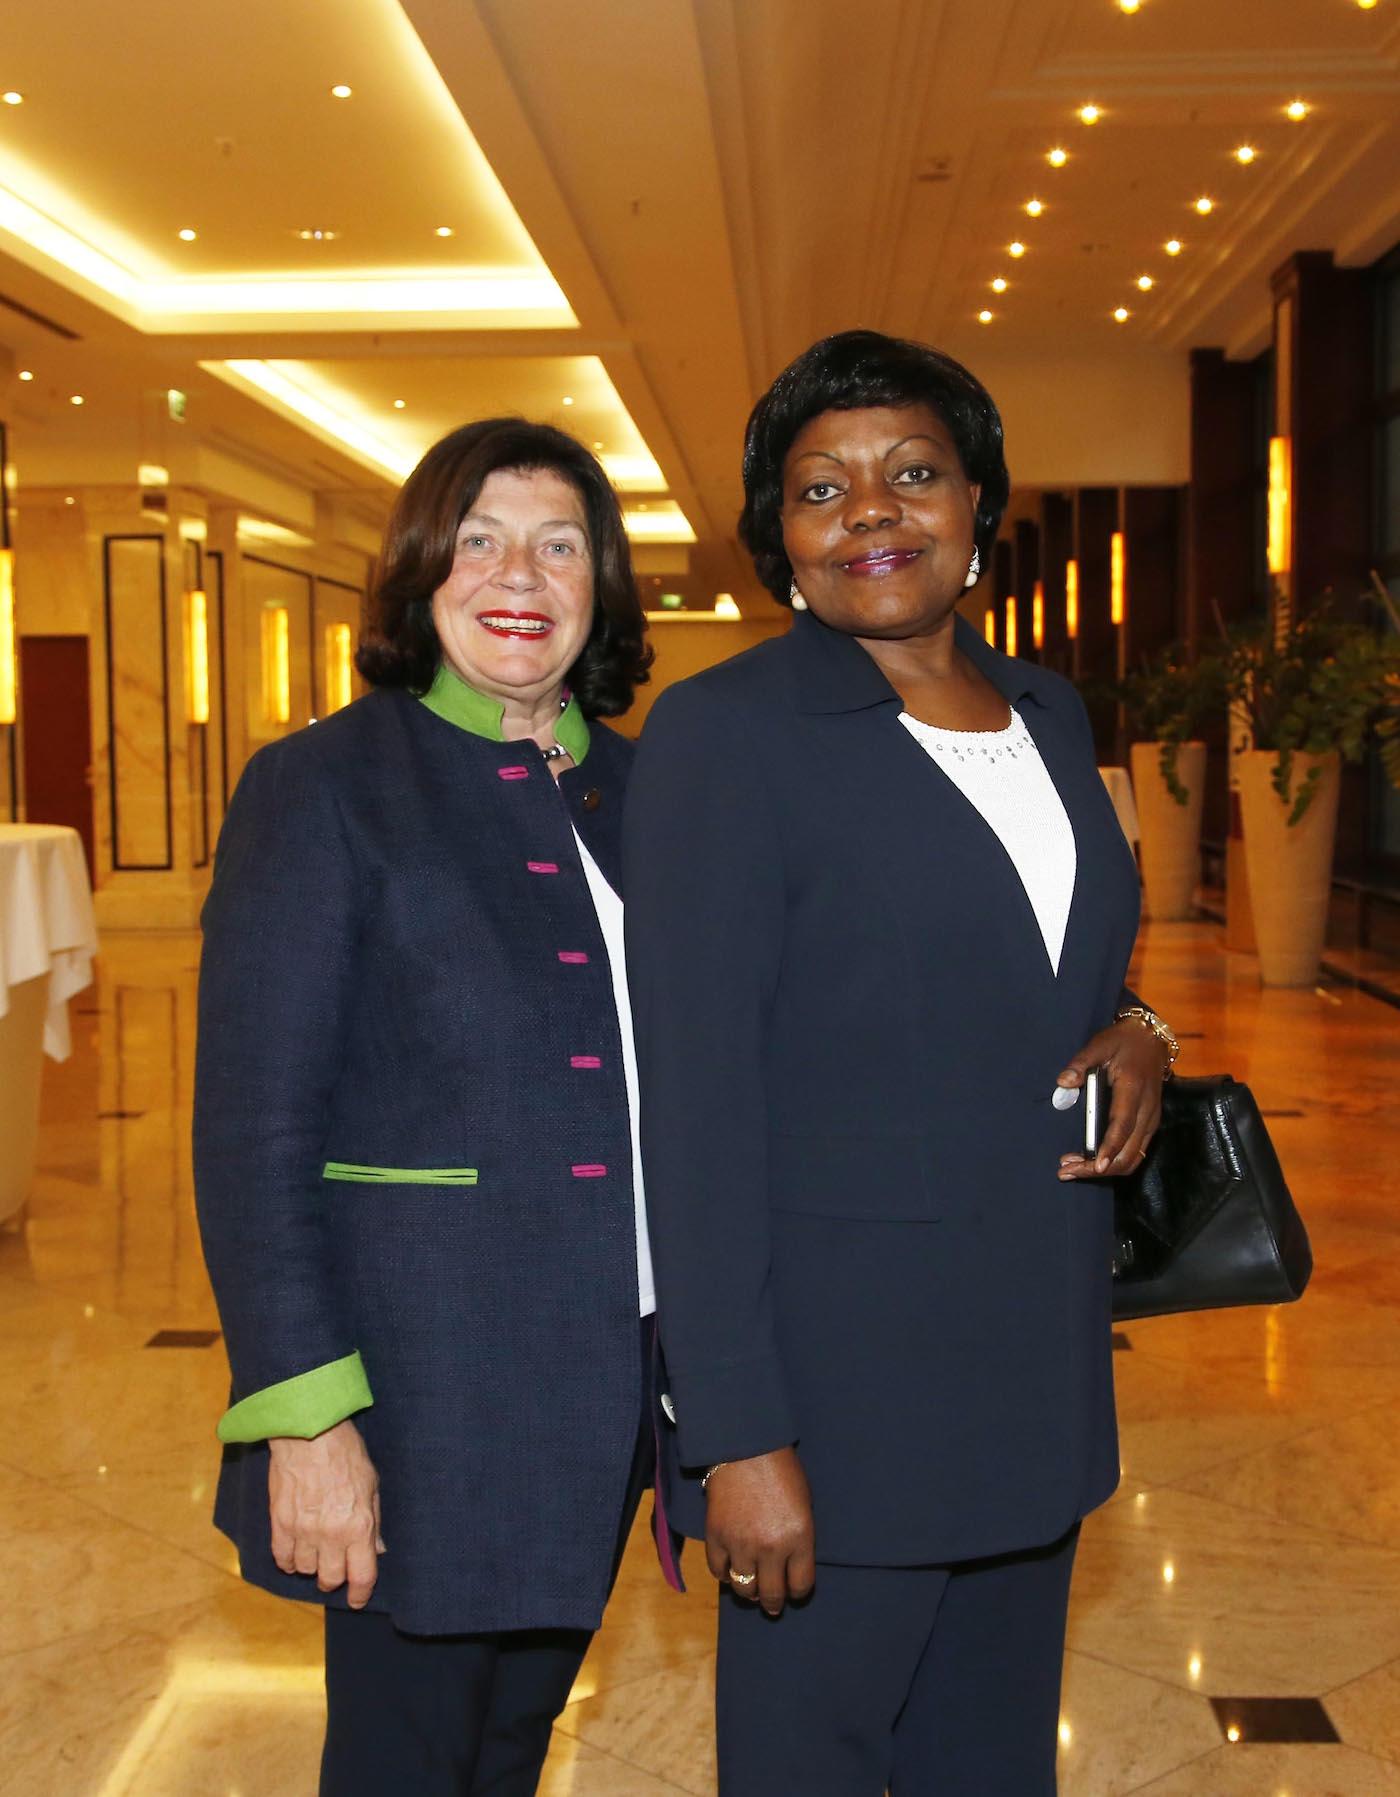 Edeltraut Toepfer (Vizepräsidentin Ambassadors Club), I.E. Clementine Shakembo Kamanga (Botschafterin DR Kongo) bei der Ambassadors Club Veranstaltung -Women for Peace- im MARITIM Hotel berlin.